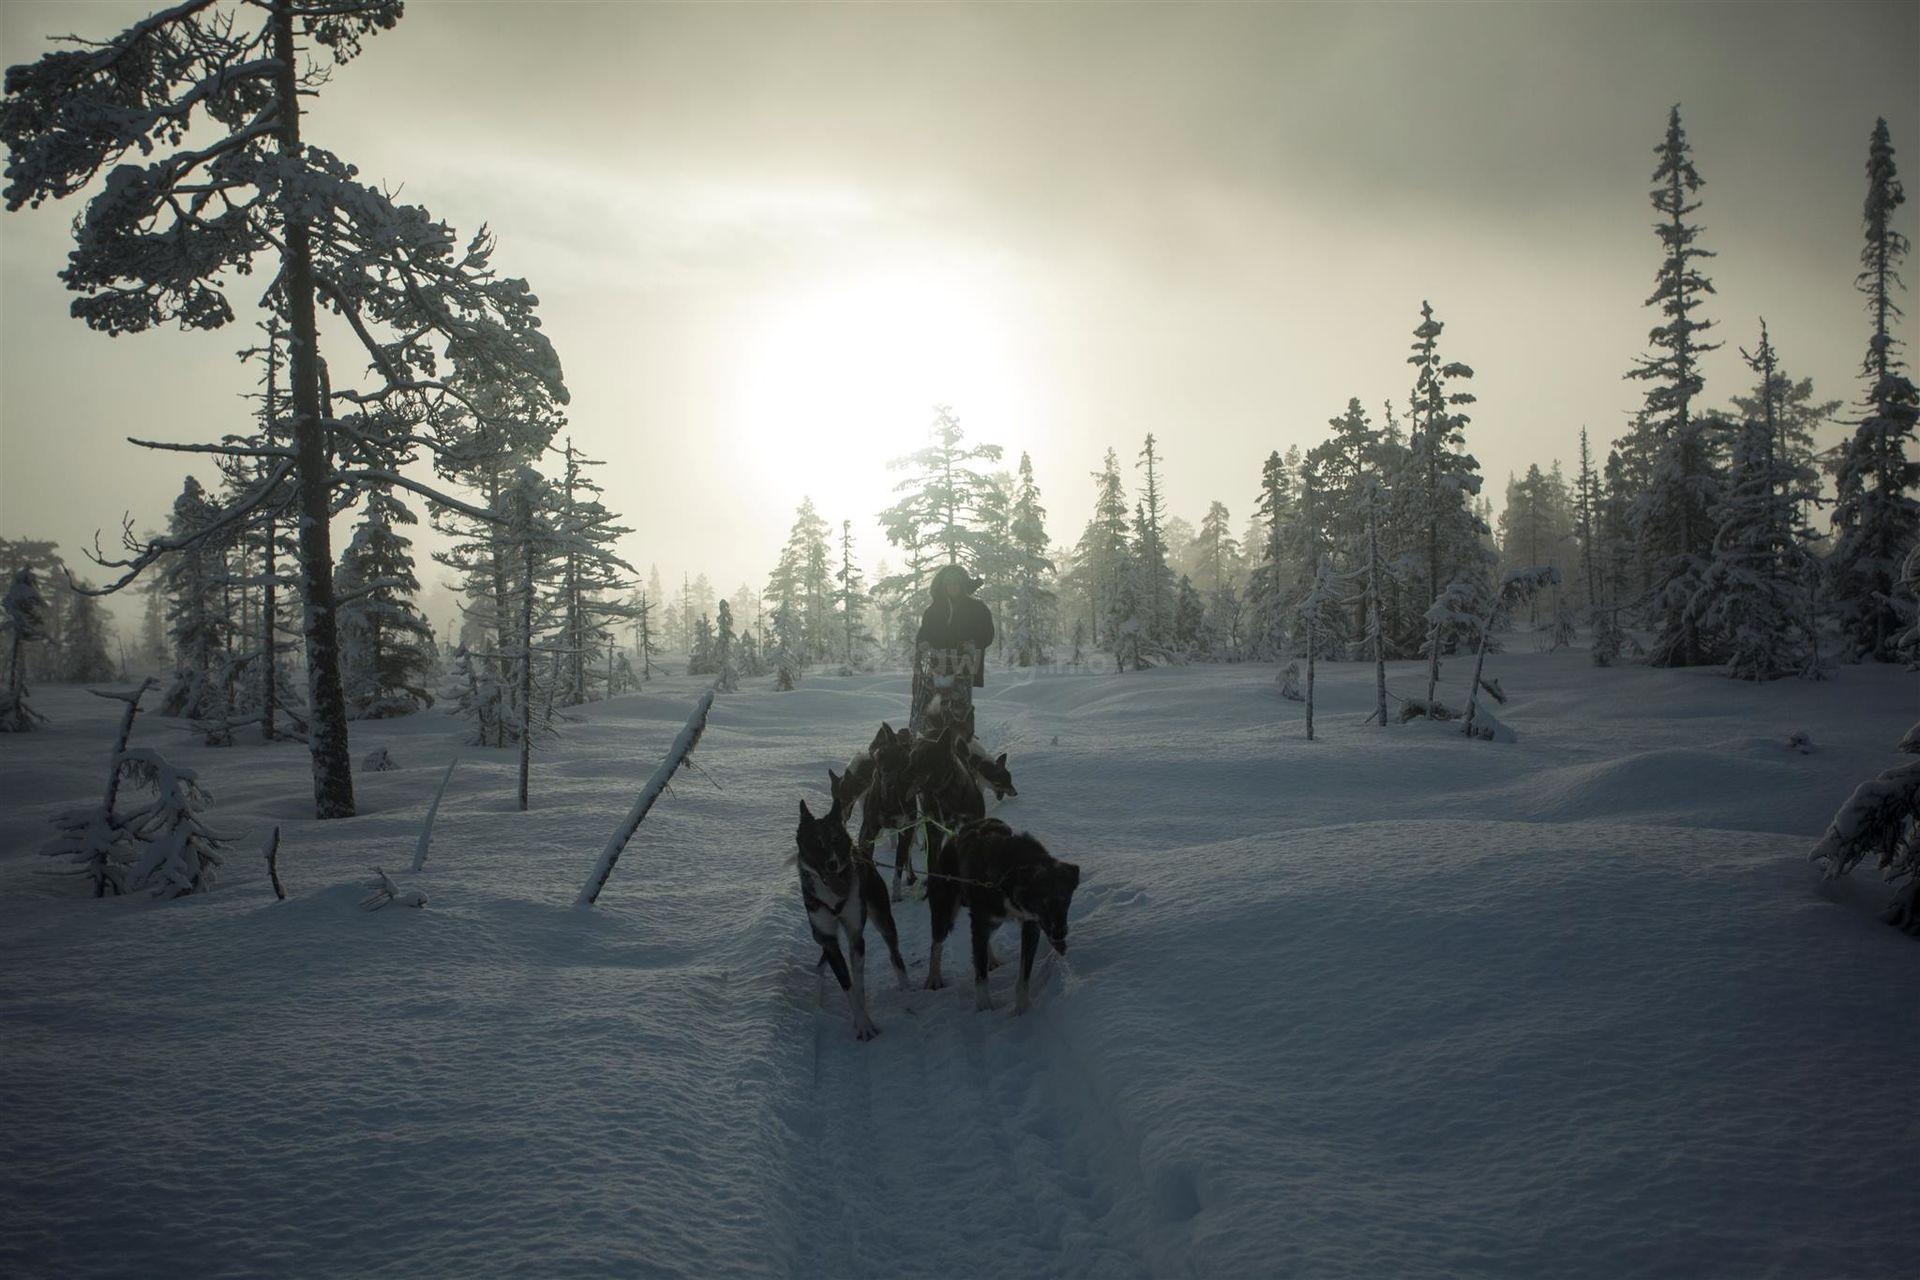 dogsledding in the snow